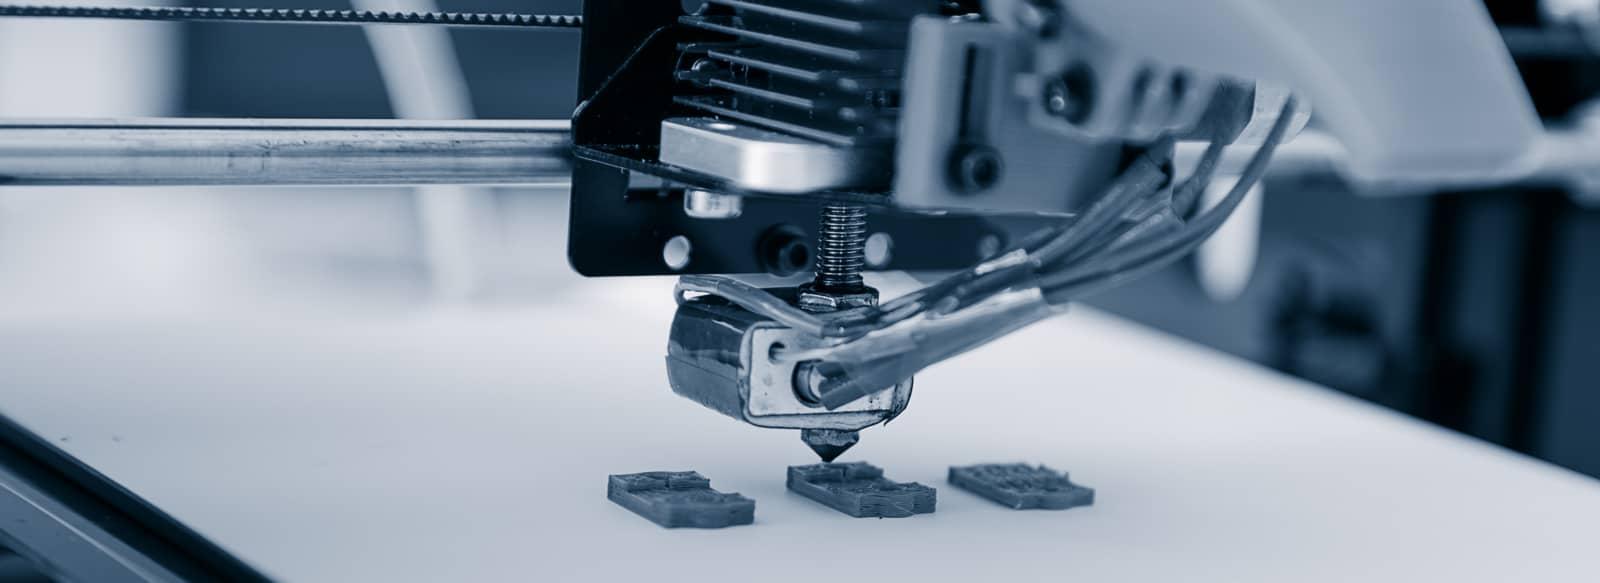 3D Druck für Entwicklung